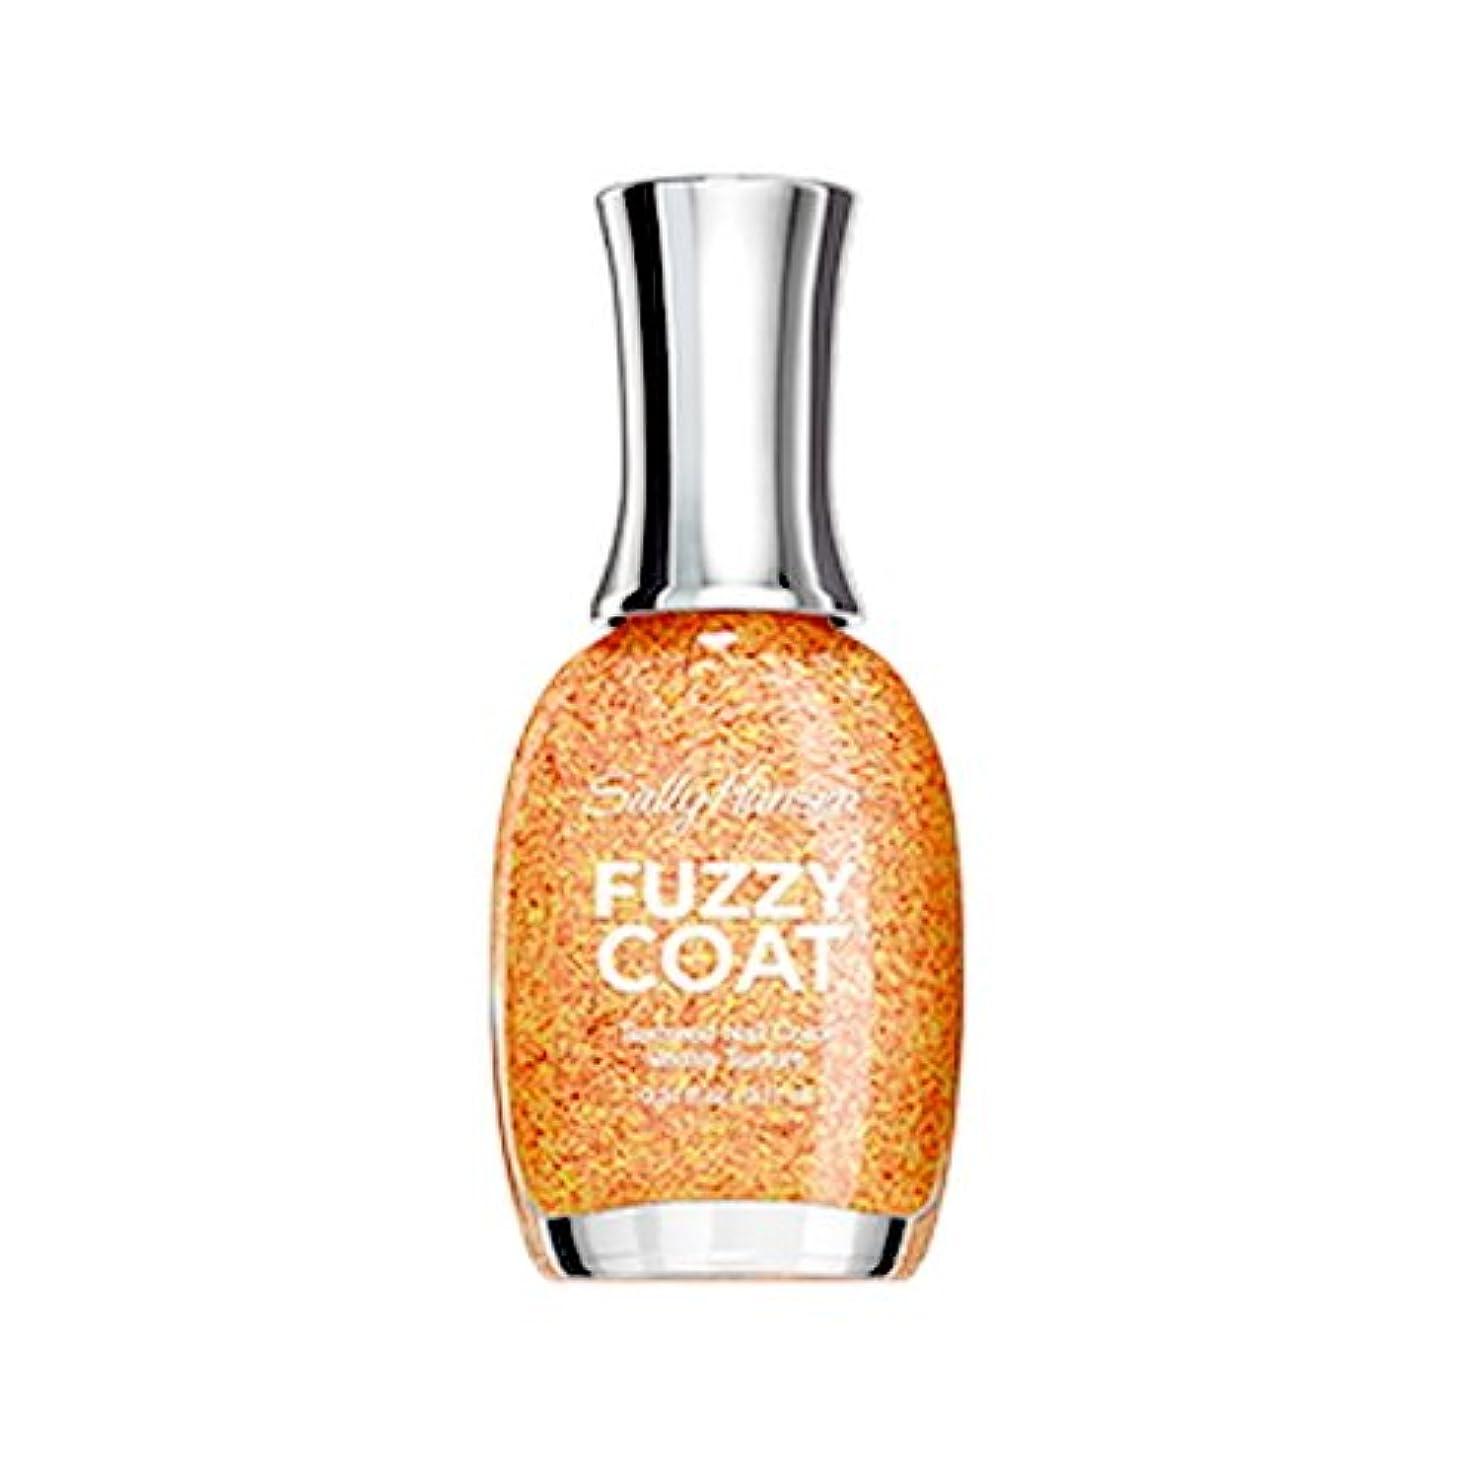 一方、セクションフィット(6 Pack) SALLY HANSEN Fuzzy Coat Special Effect Textured Nail Color - Peach Fuzz (並行輸入品)